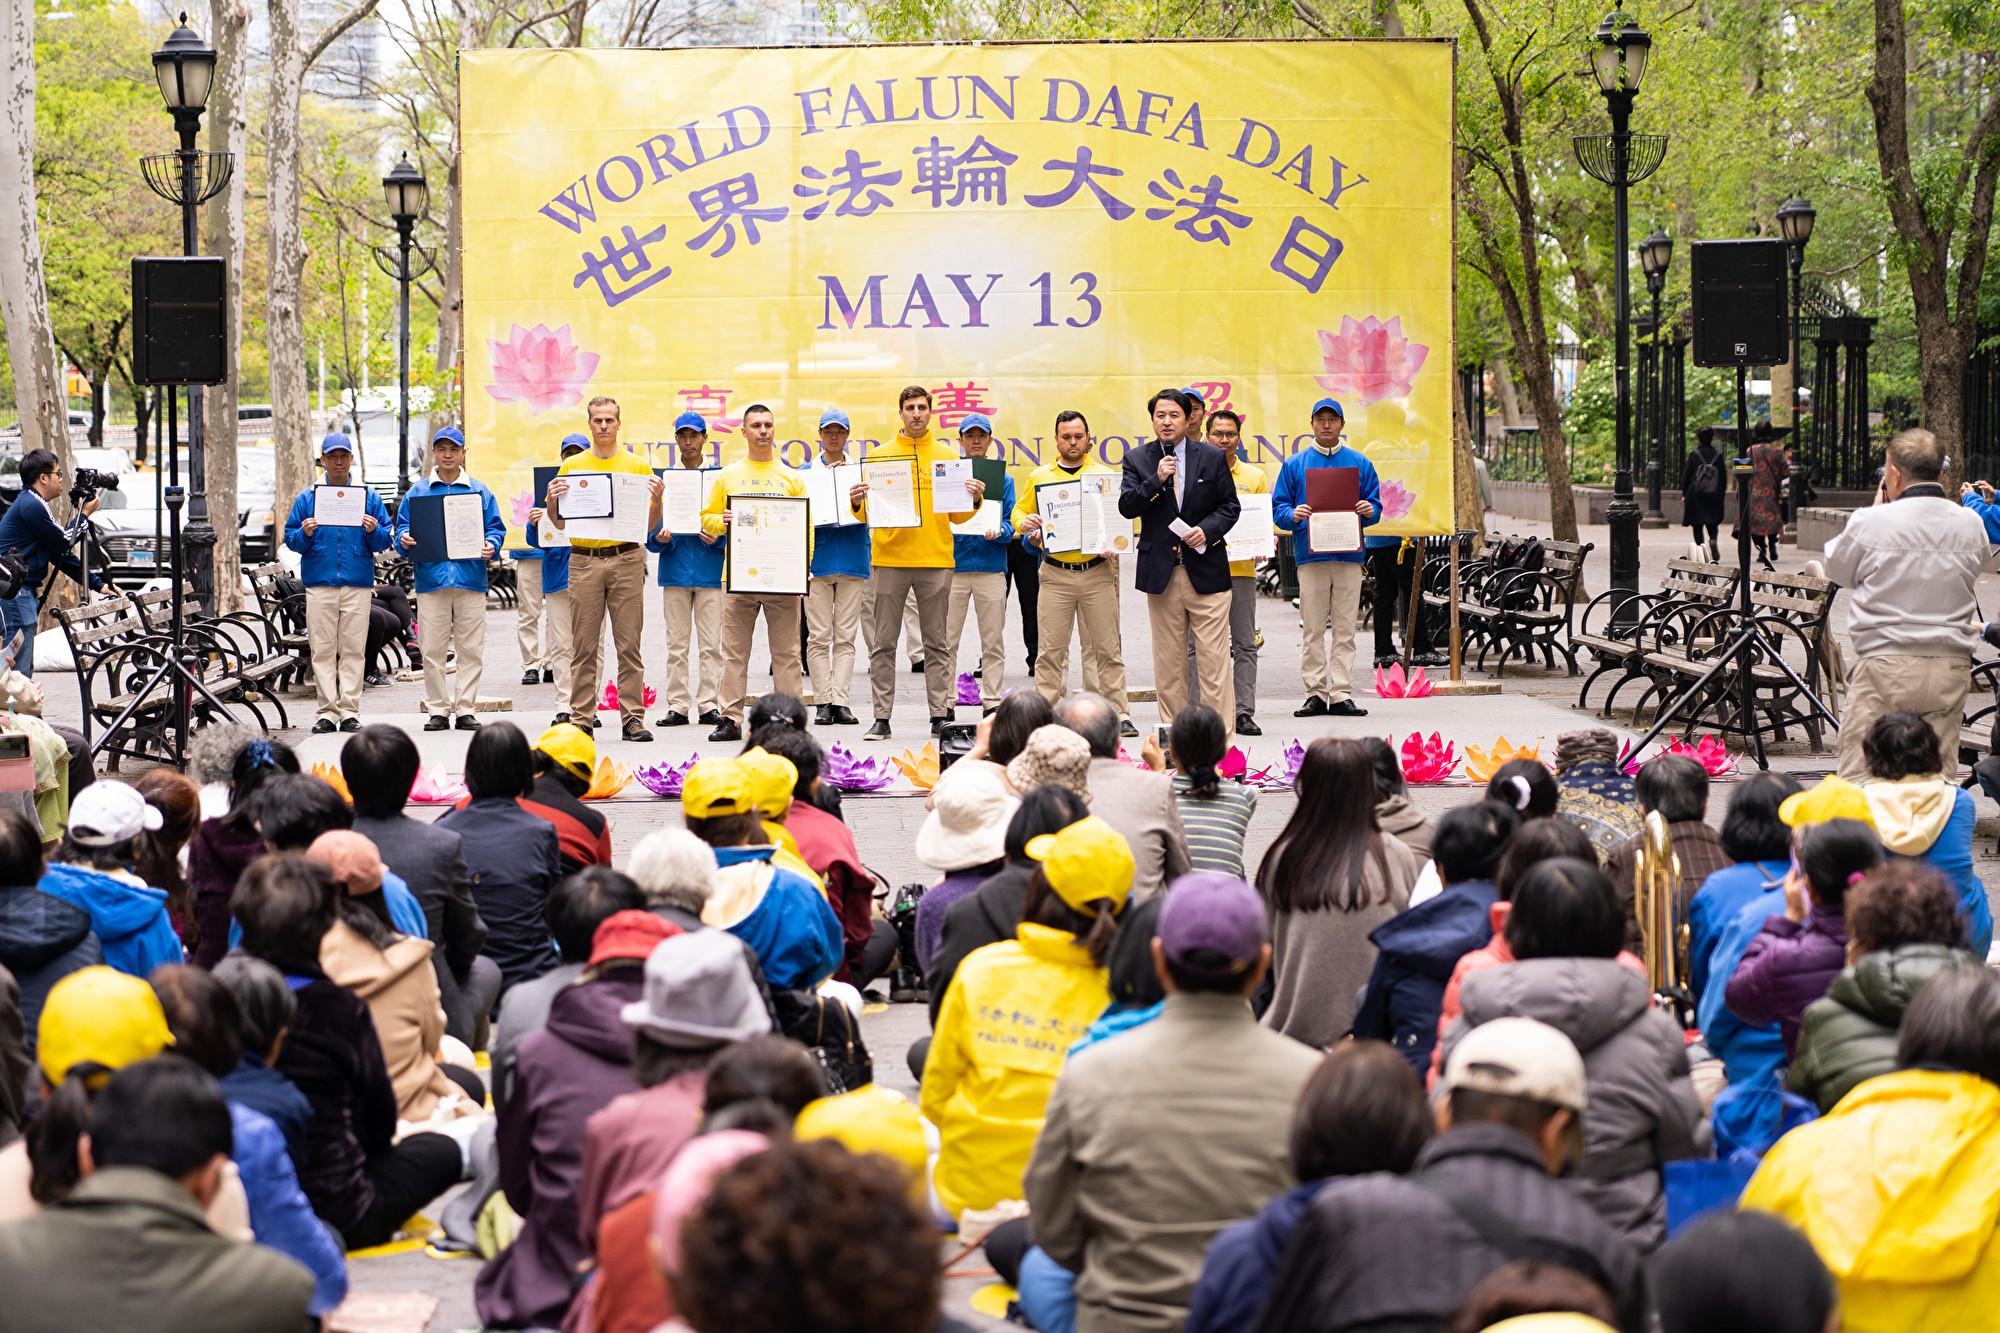 các học viên Pháp Luân Công đã tổ chức Ngày Pháp Luân Đại Pháp Thế giới tại Công viên Liên Hợp Quốc ở Manhattan, New York.